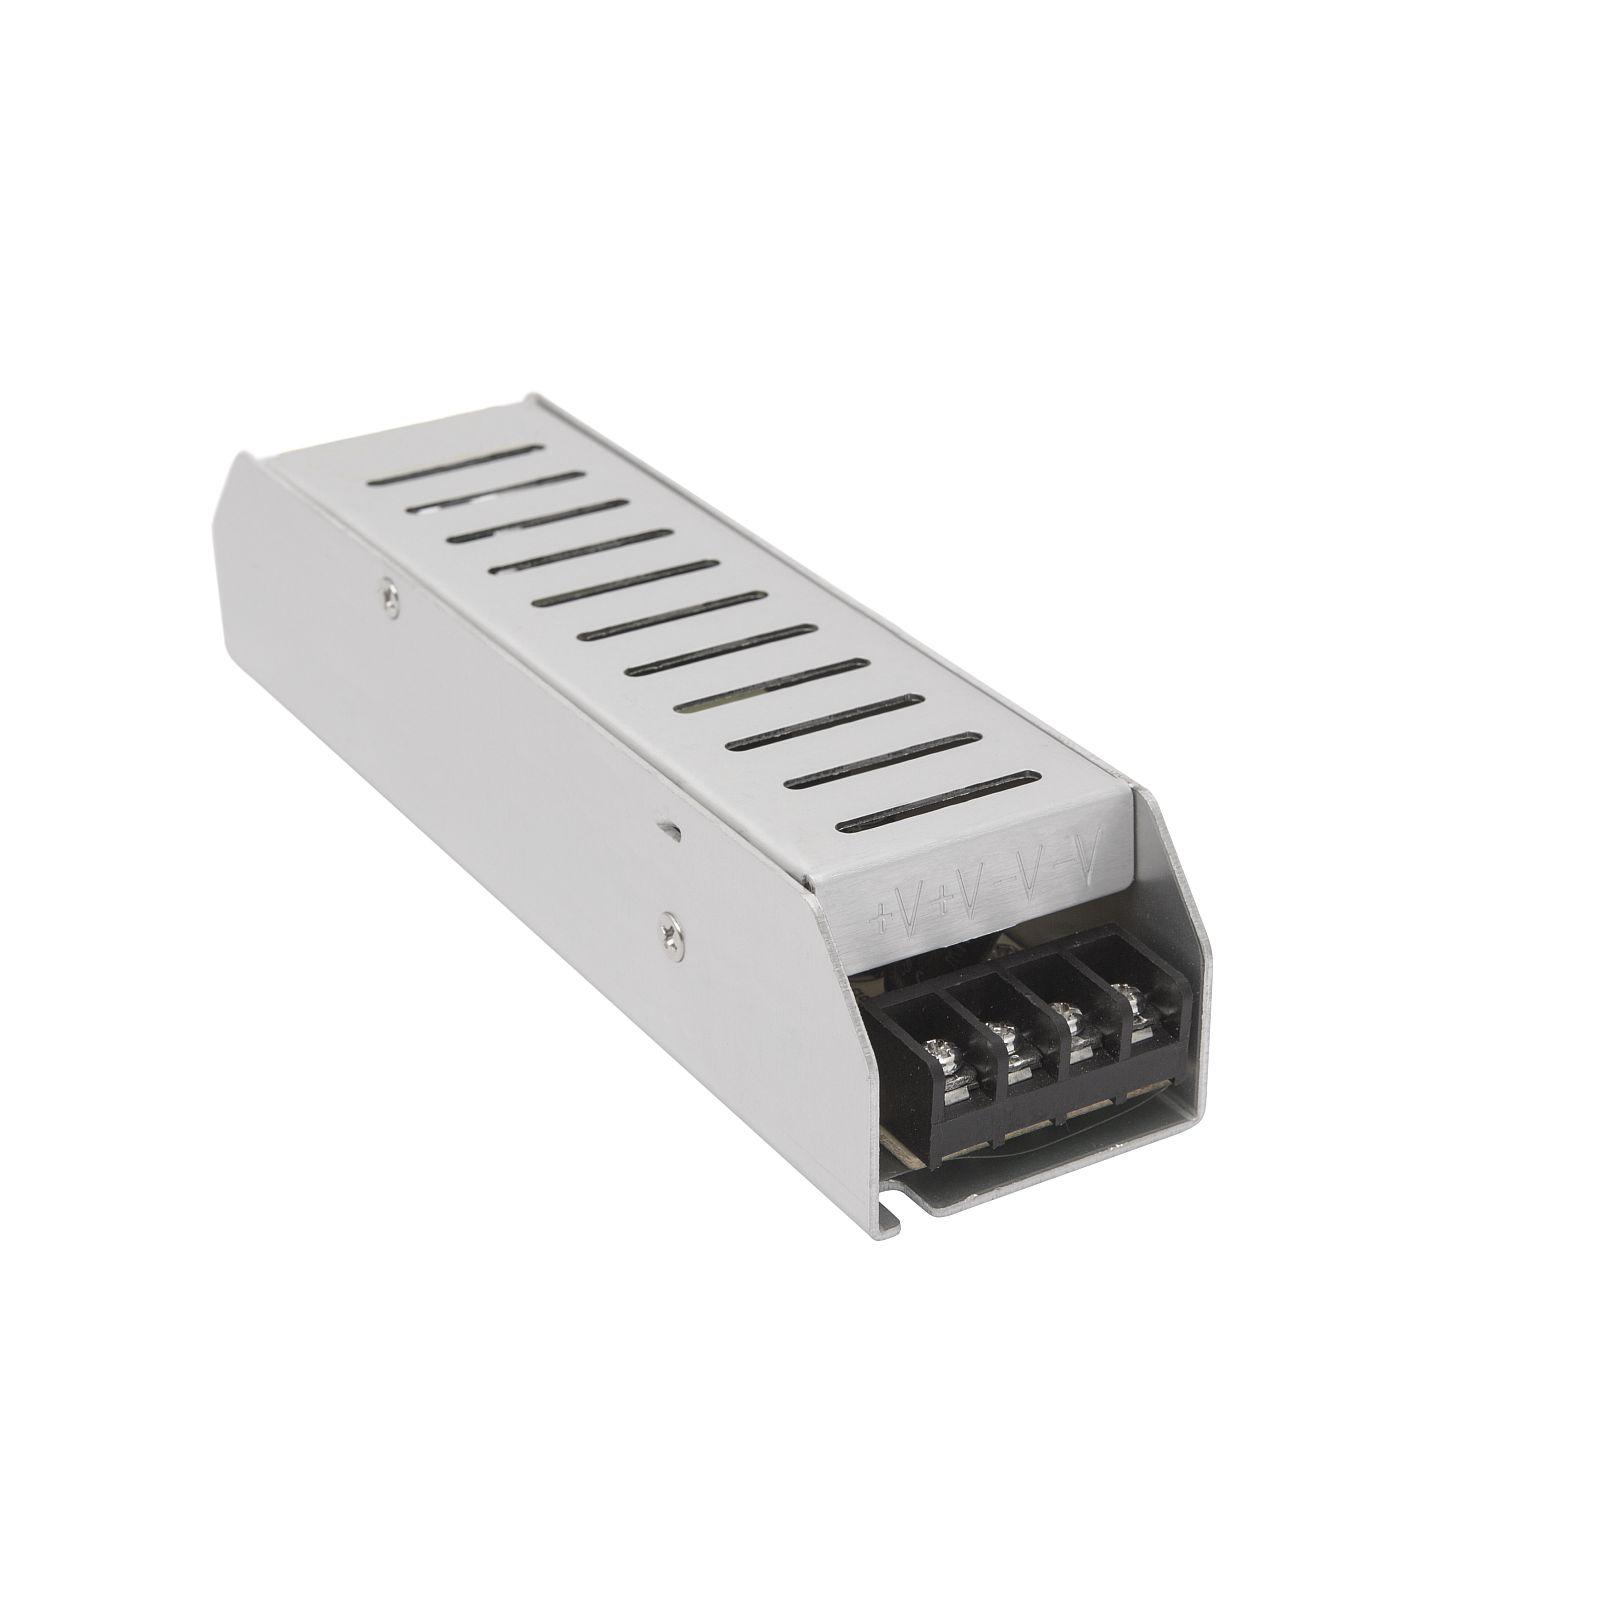 Fémházas, beépíthető, ipari tápegység 230/12 V 12,5 Amper